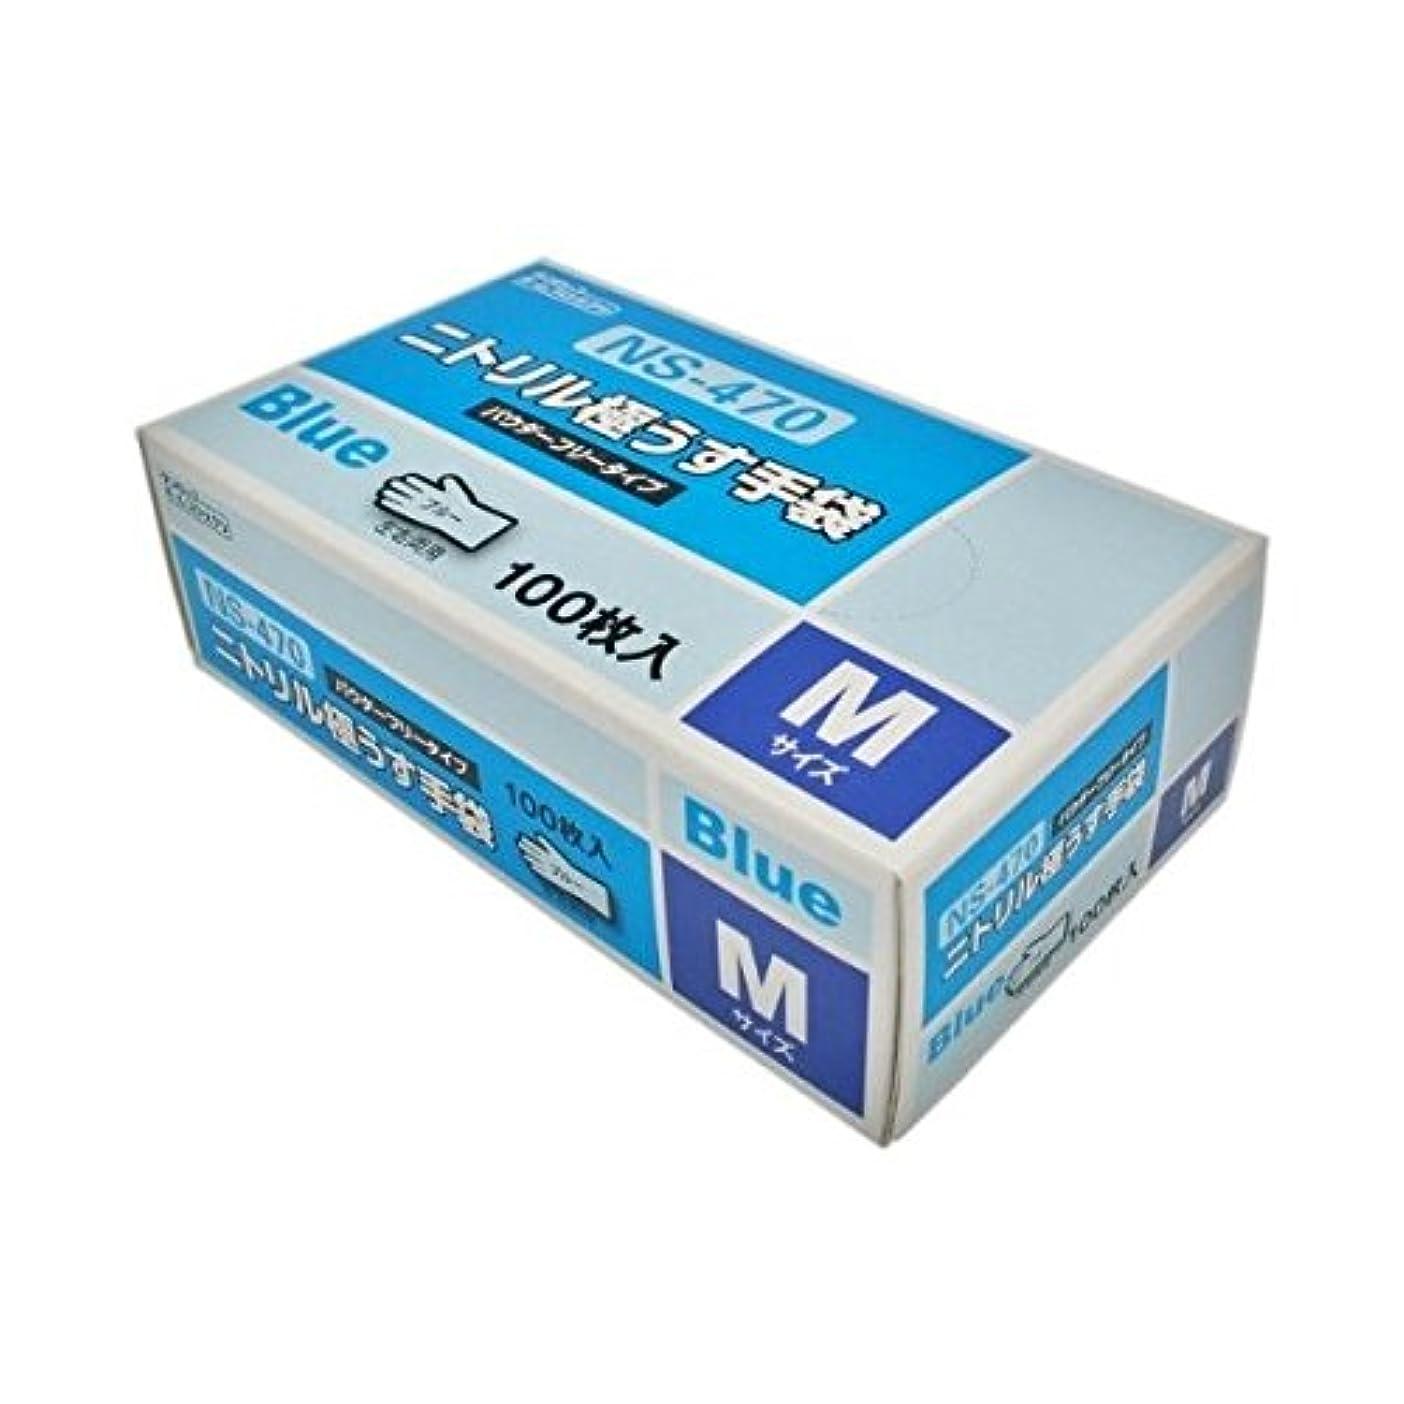 定常自分のの面では(株)ダンロップホームプロダクツ ニトリル極薄手袋 100枚 M ブルー